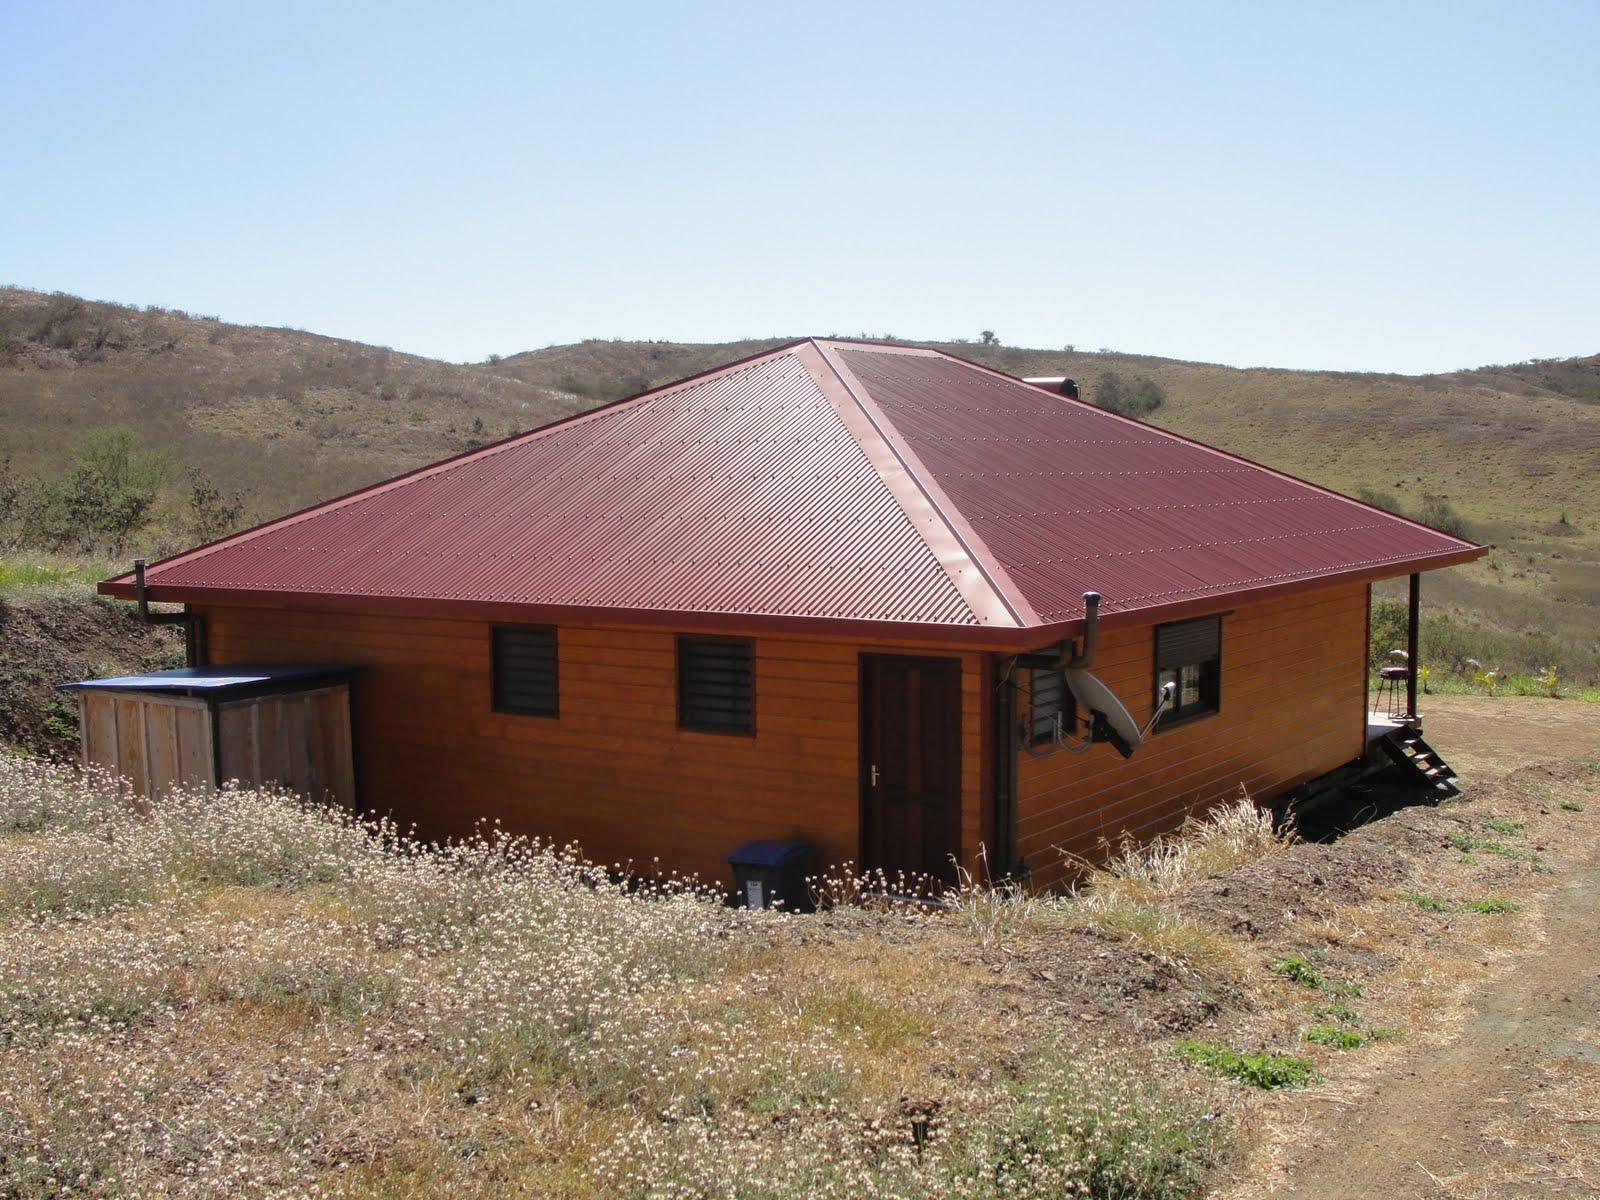 Un jour la nouvelle cal donie une vision des vues de karikat for Constructeur de maison individuelle nouvelle caledonie